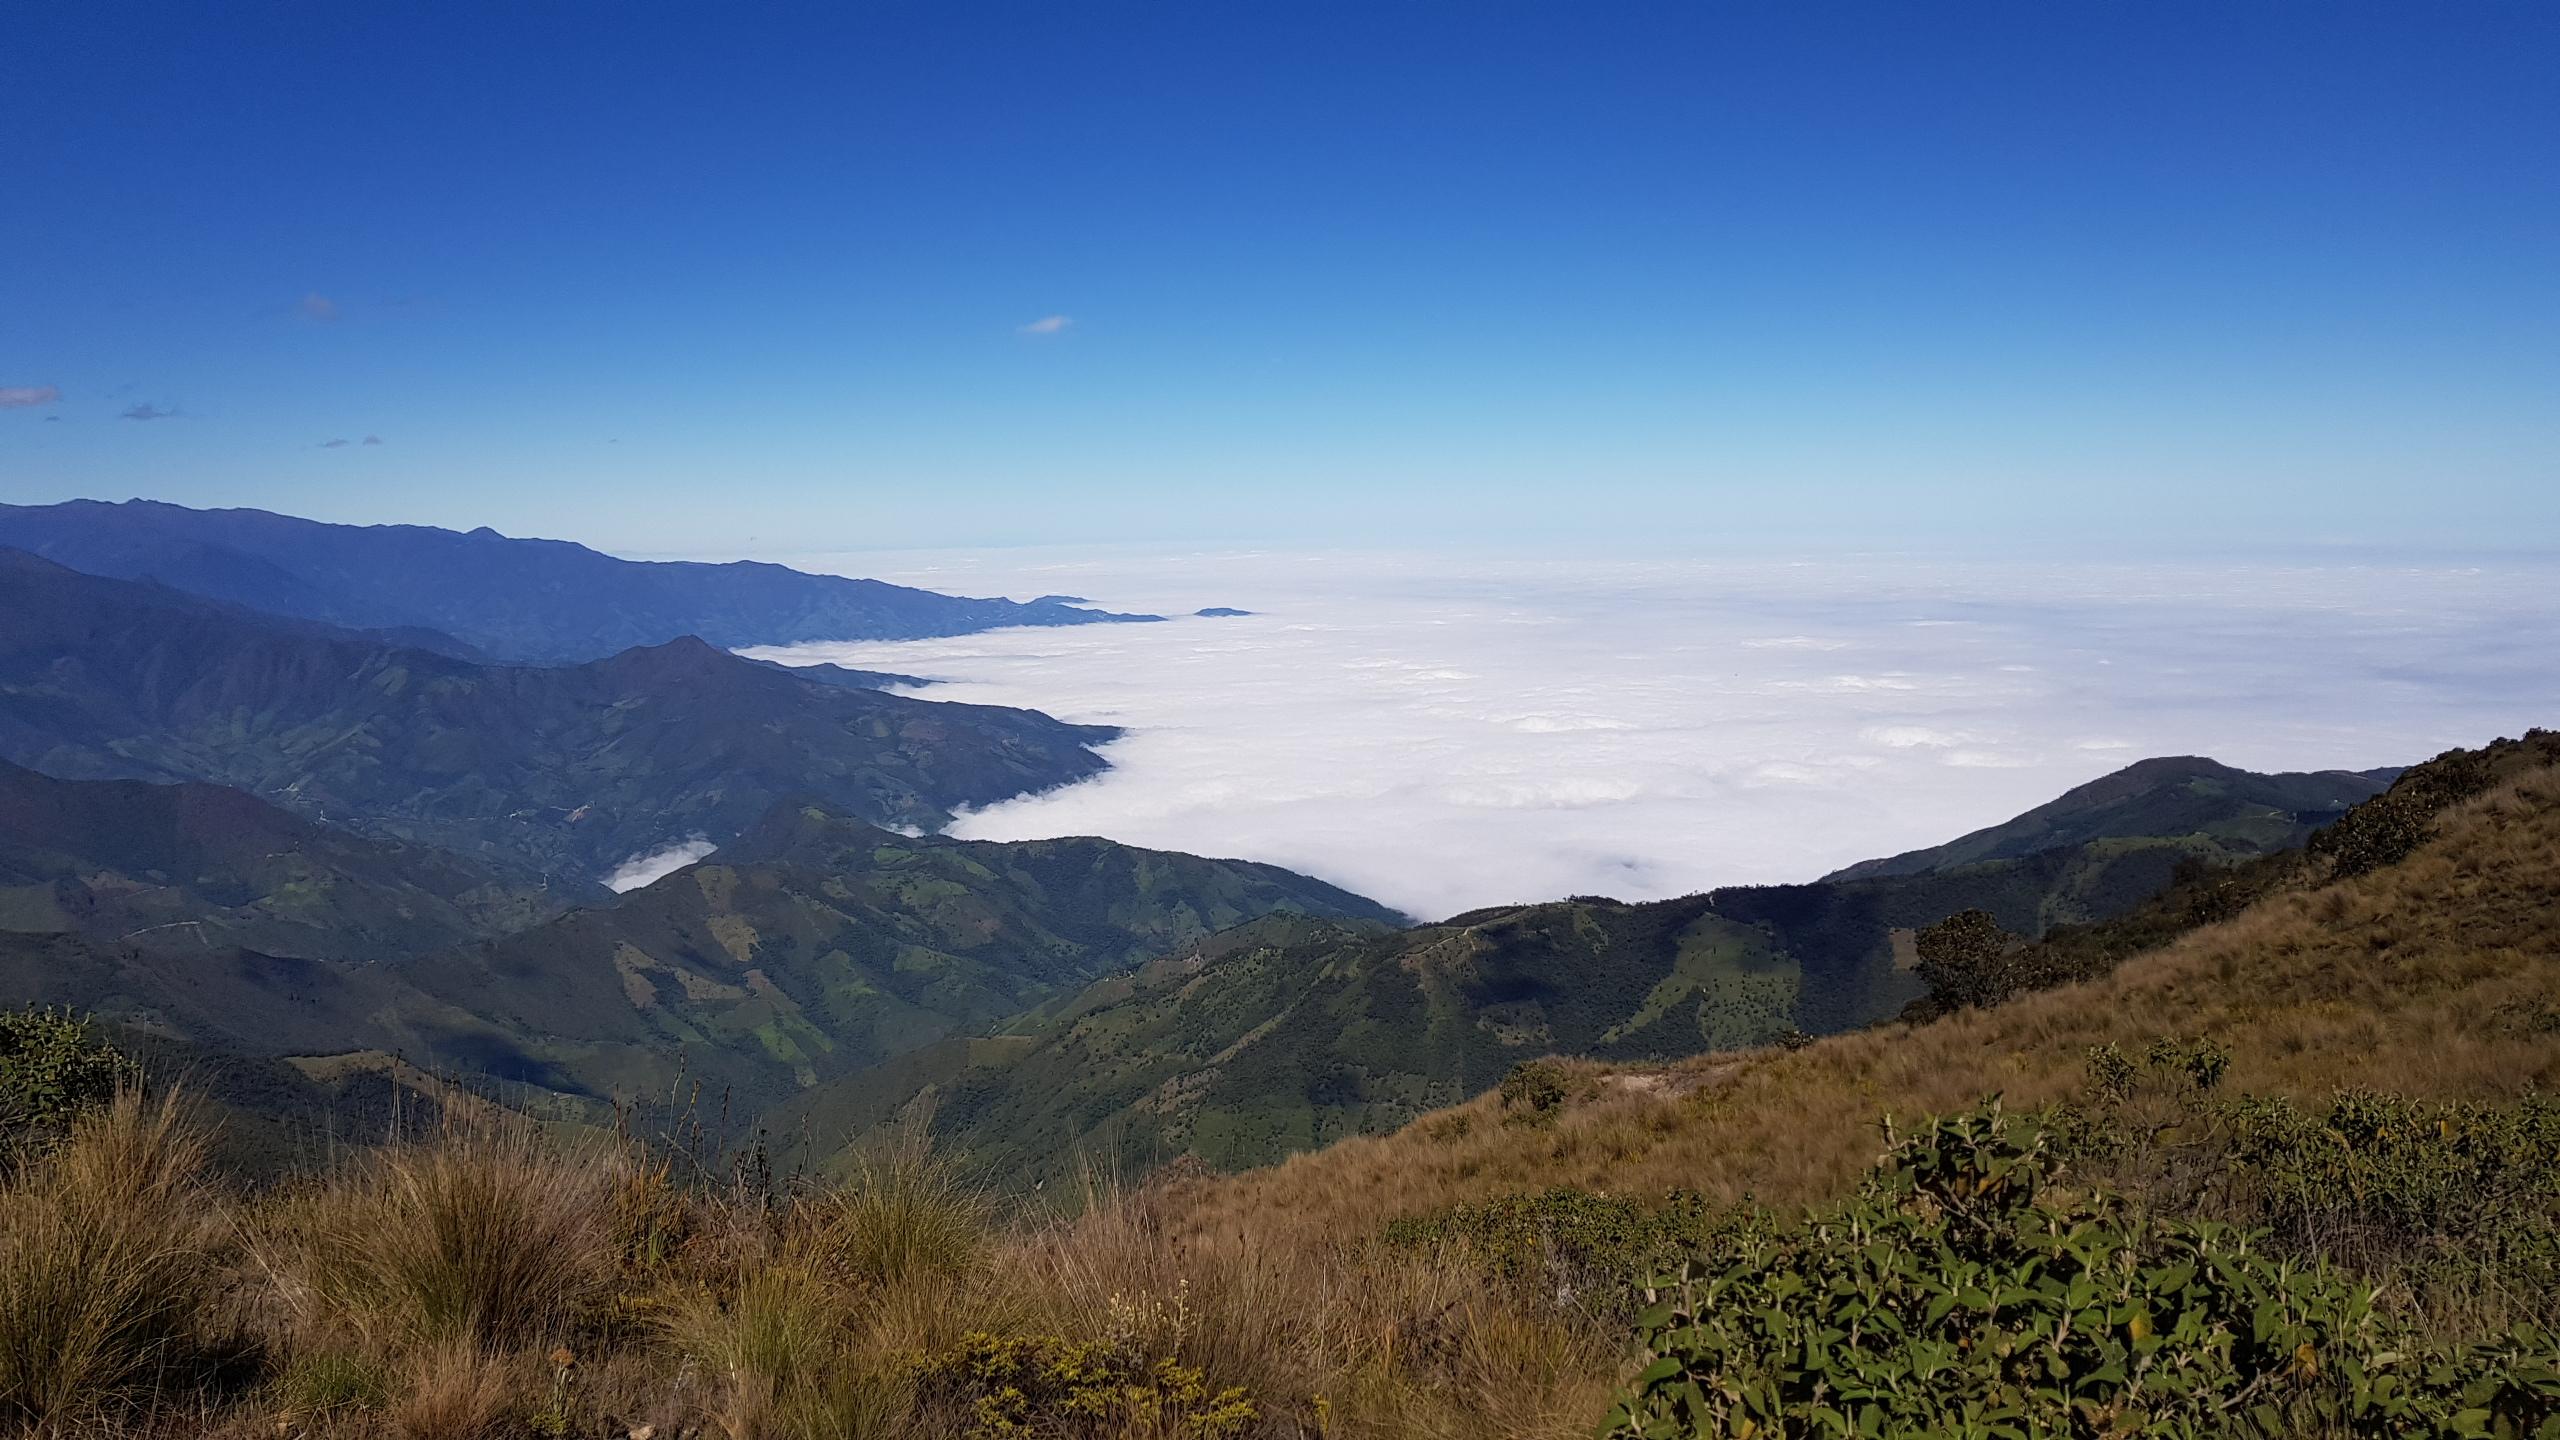 La zona donde está situado el proyecto Río Blanco está a unos 3900 metros sobre el nivel del mar y es rica en fuentes de agua.